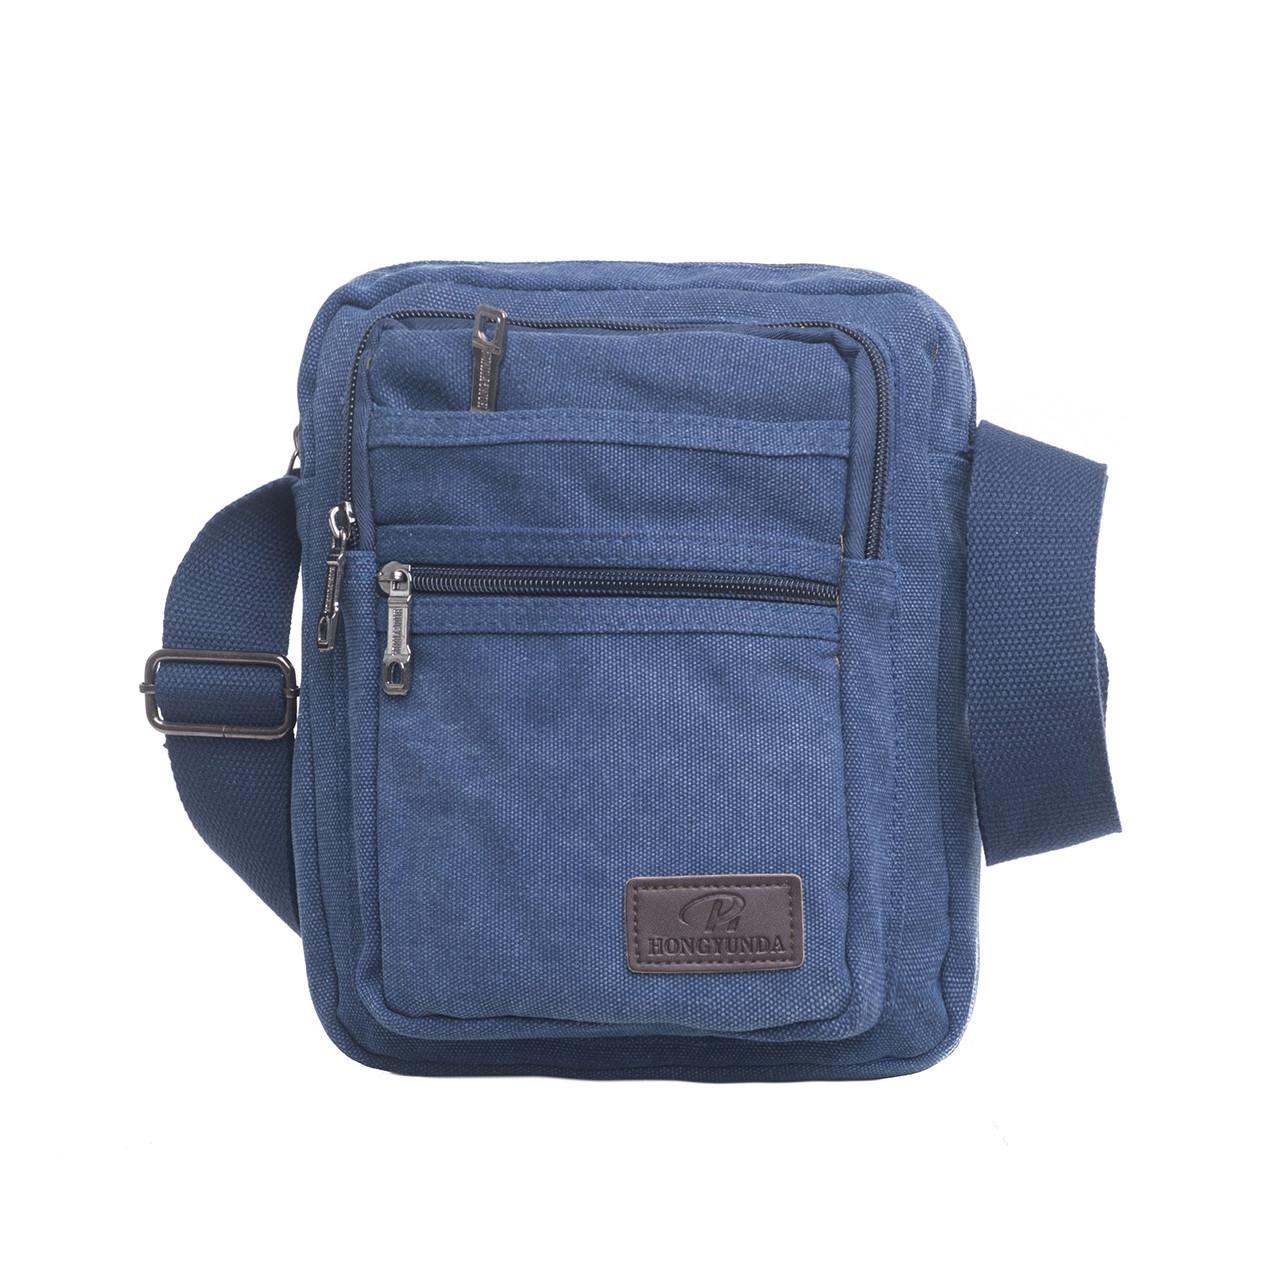 Чоловіча сумка HONGYUNDA вертикальна, 18х23х9 тканина брезент ксФ1518син